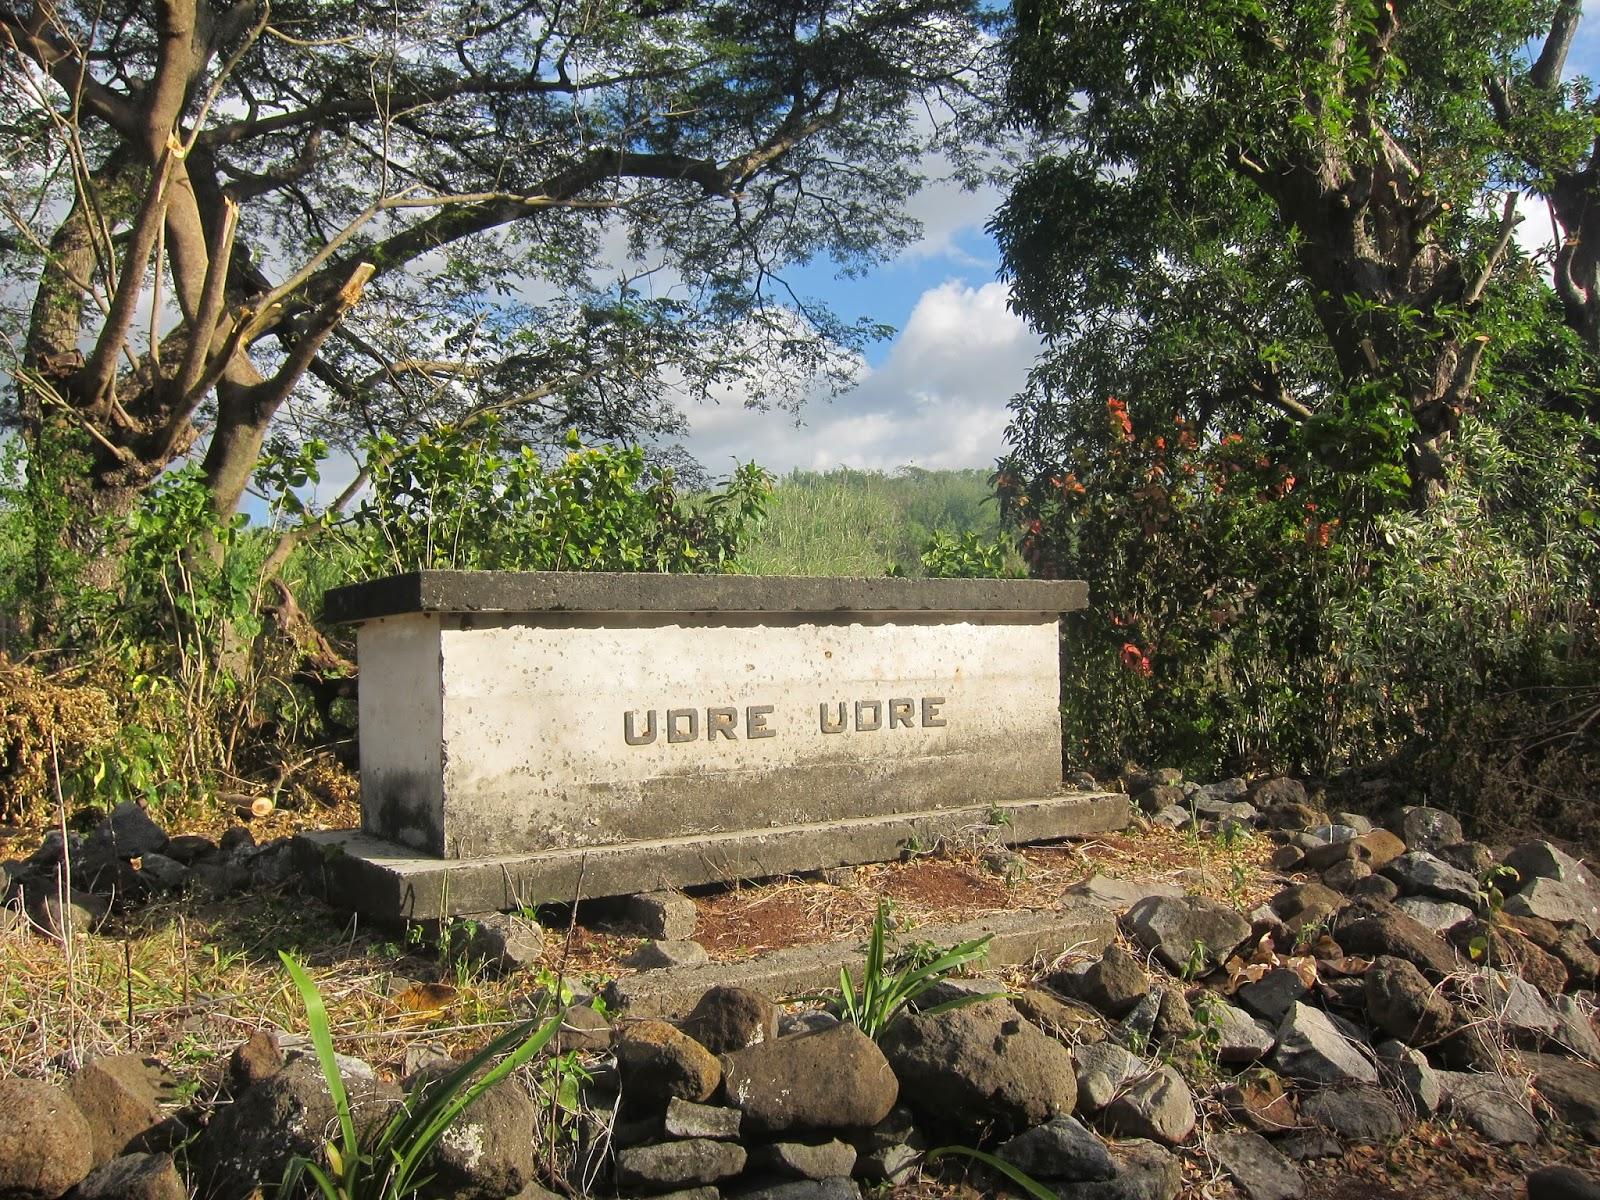 Autour de la tombe de Udre Udre ont été placées, en cercle, les pierres qui rappellent que pour chaque caillou, une victime humaine a été sacrifiée à l'appétit de l'anthropophage le plus célèbre des îles Fidji.